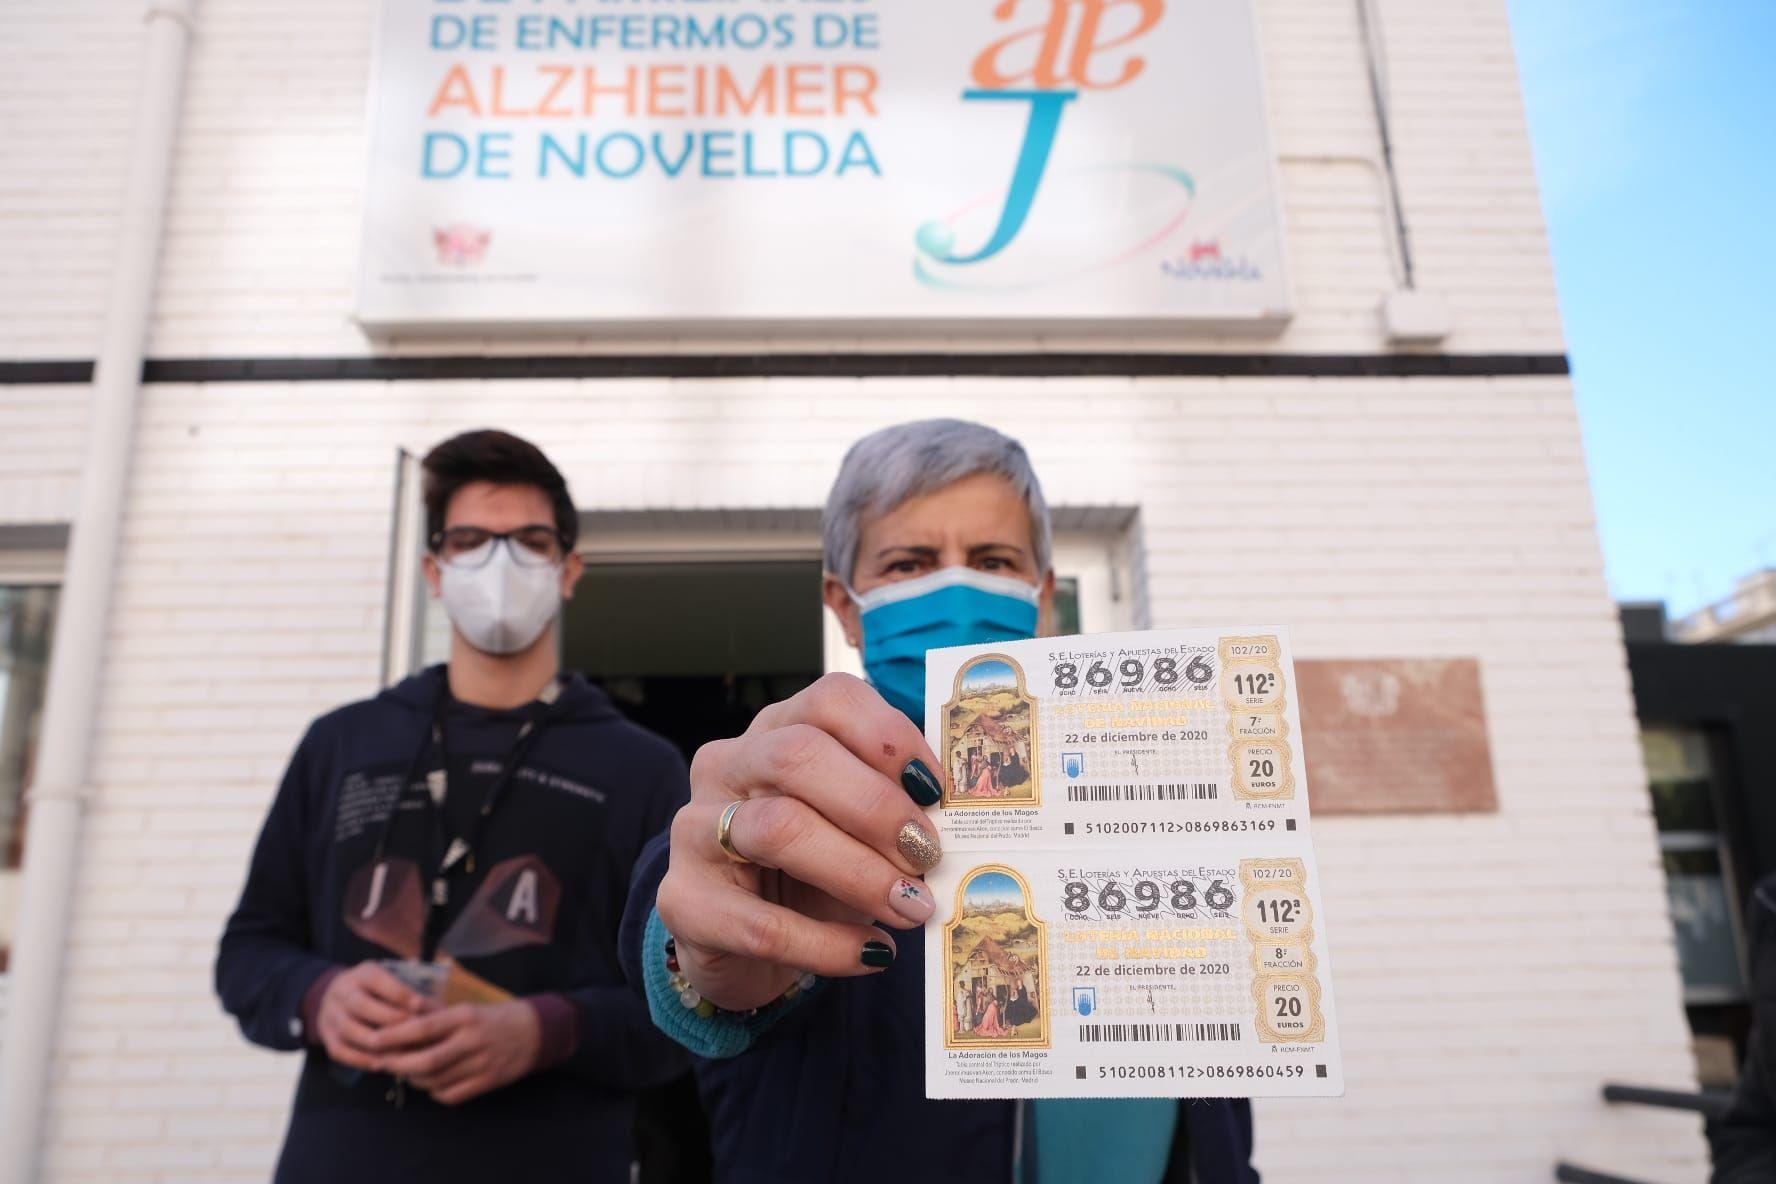 La Asociación de Alzheimer, gran afortunada del quinto premio caído en Novelda